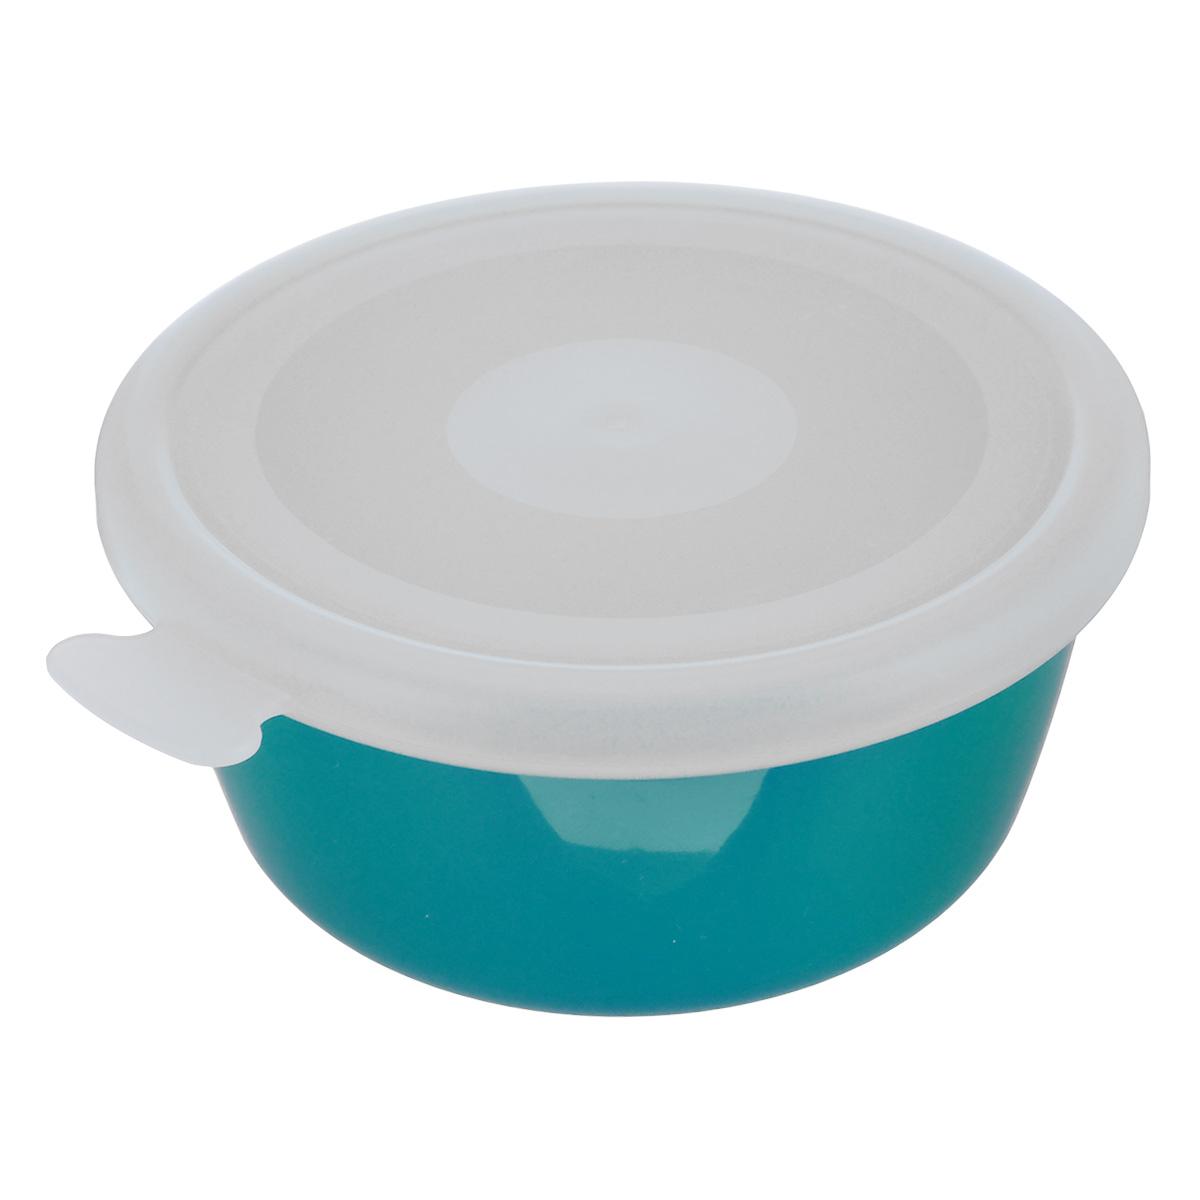 Миска Idea Прованс, с крышкой, цвет: бирюзовый, 350 млМ 1380Миска круглой формы Idea Прованс изготовлена из высококачественного пищевого пластика. Изделие очень функциональное, оно пригодится на кухне для самых разнообразных нужд: в качестве салатника, миски, тарелки. Герметичная крышка обеспечивает продуктам долгий срок хранения. Диаметр миски: 11,5 см. Высота миски: 5,5 см.